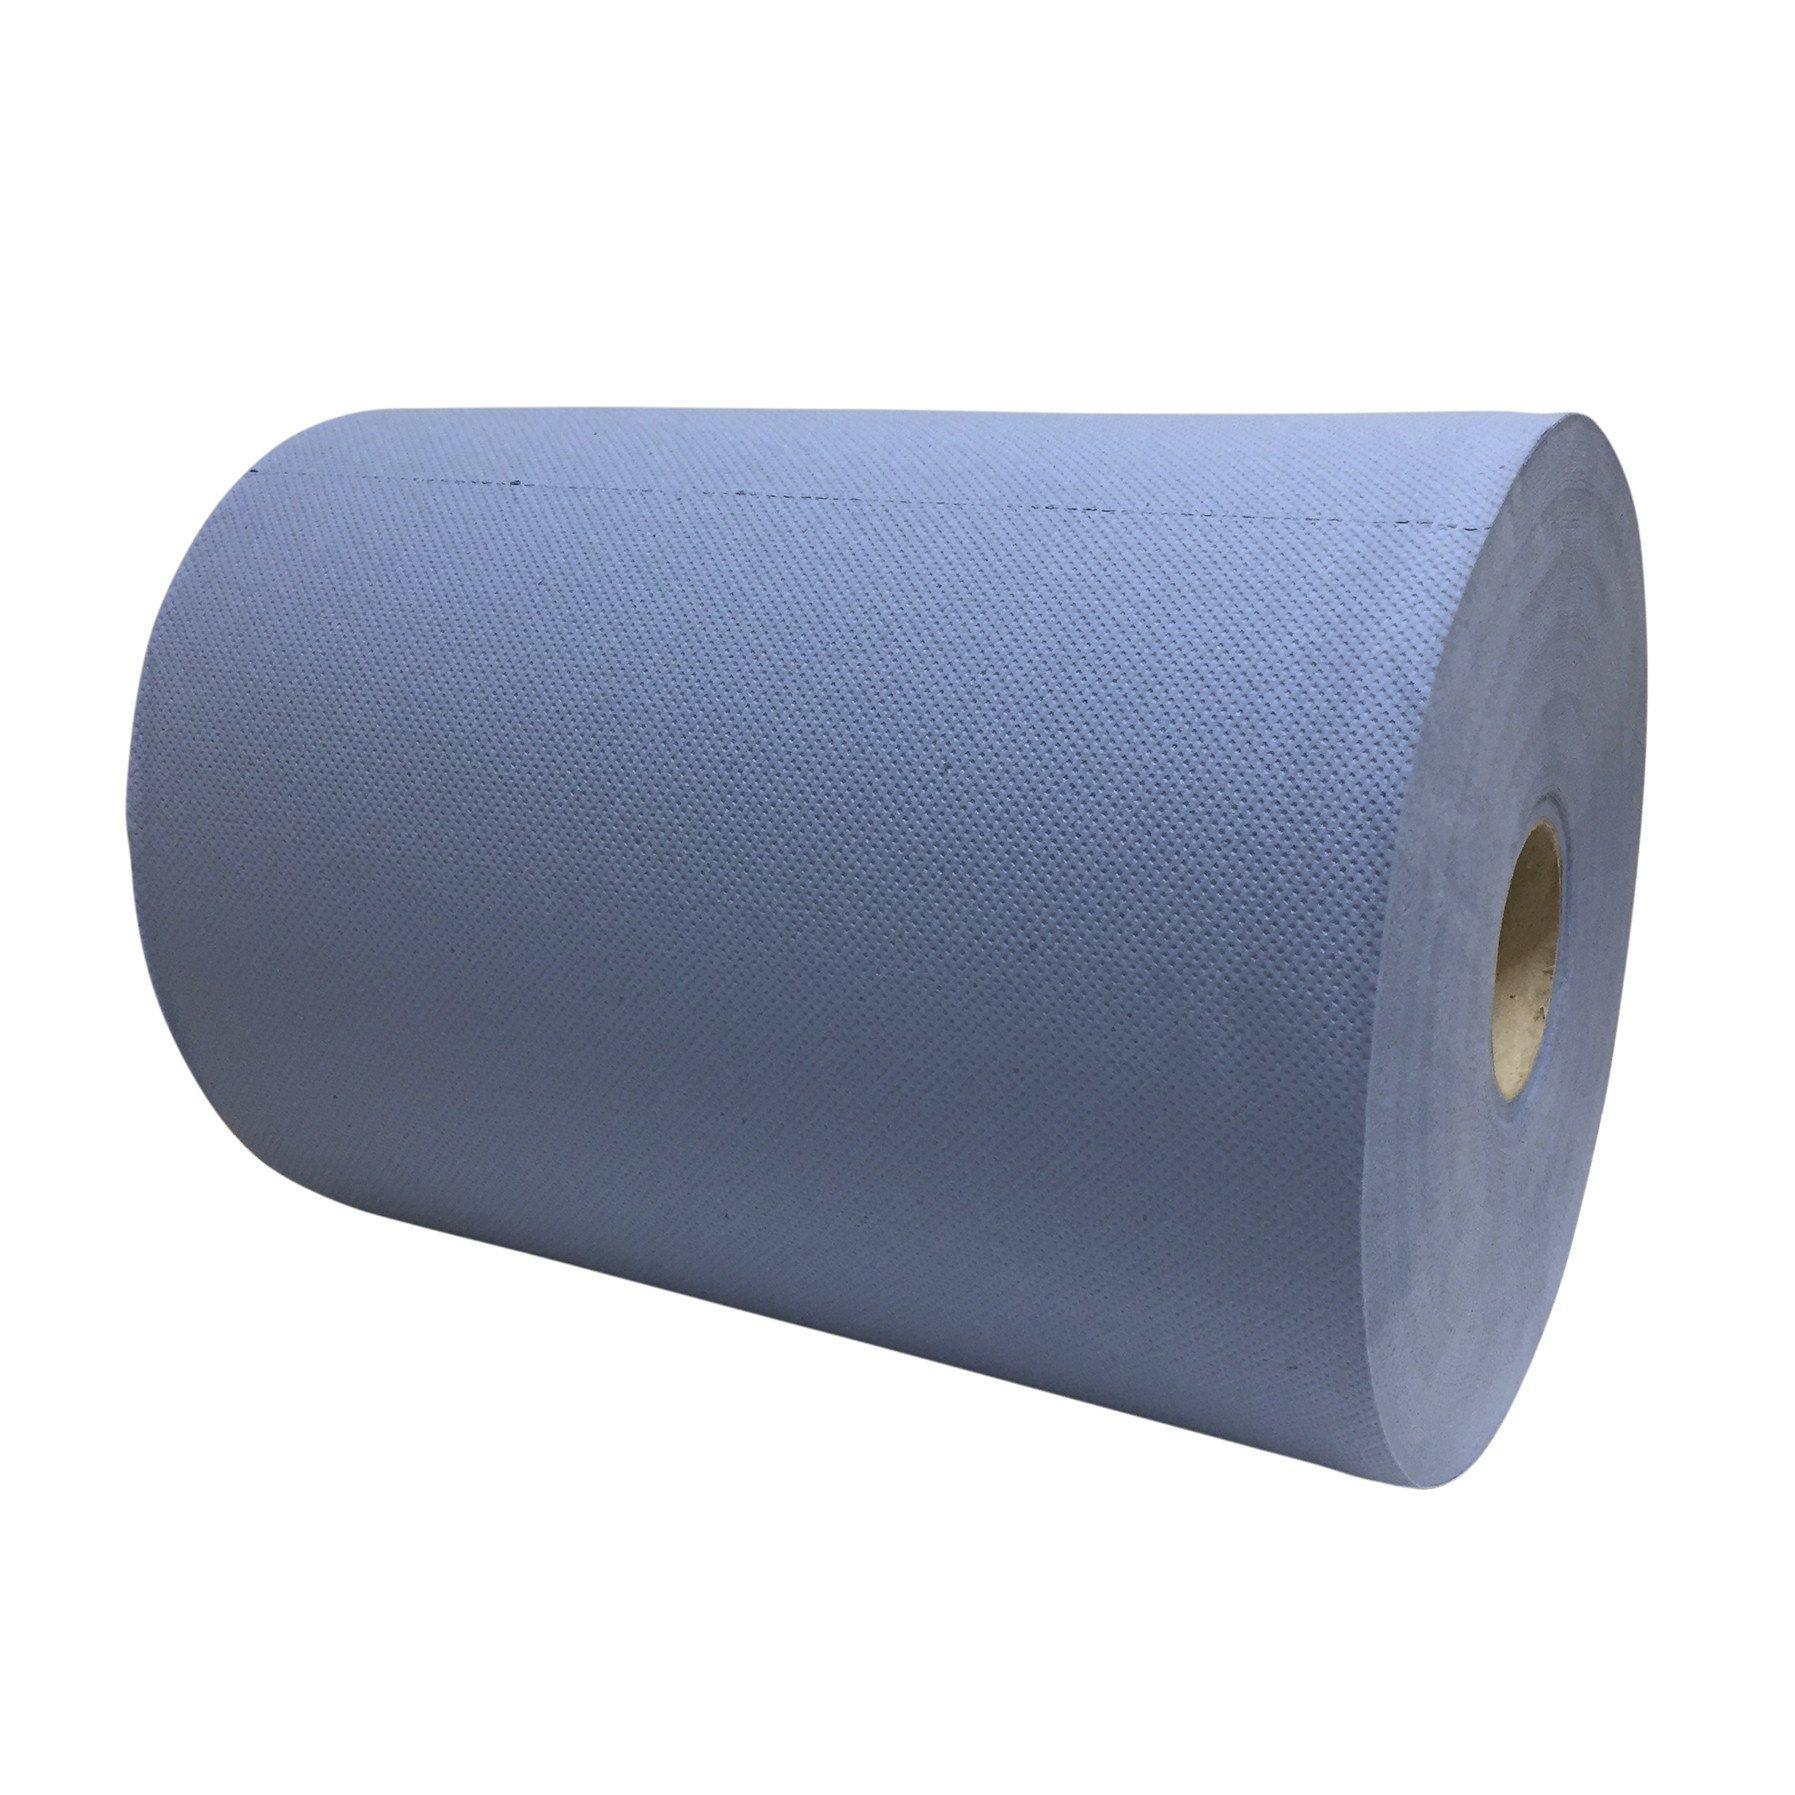 Euro Products   Industriepapier   Verlijmd 3- laags   Blauw   2 x 190 meter